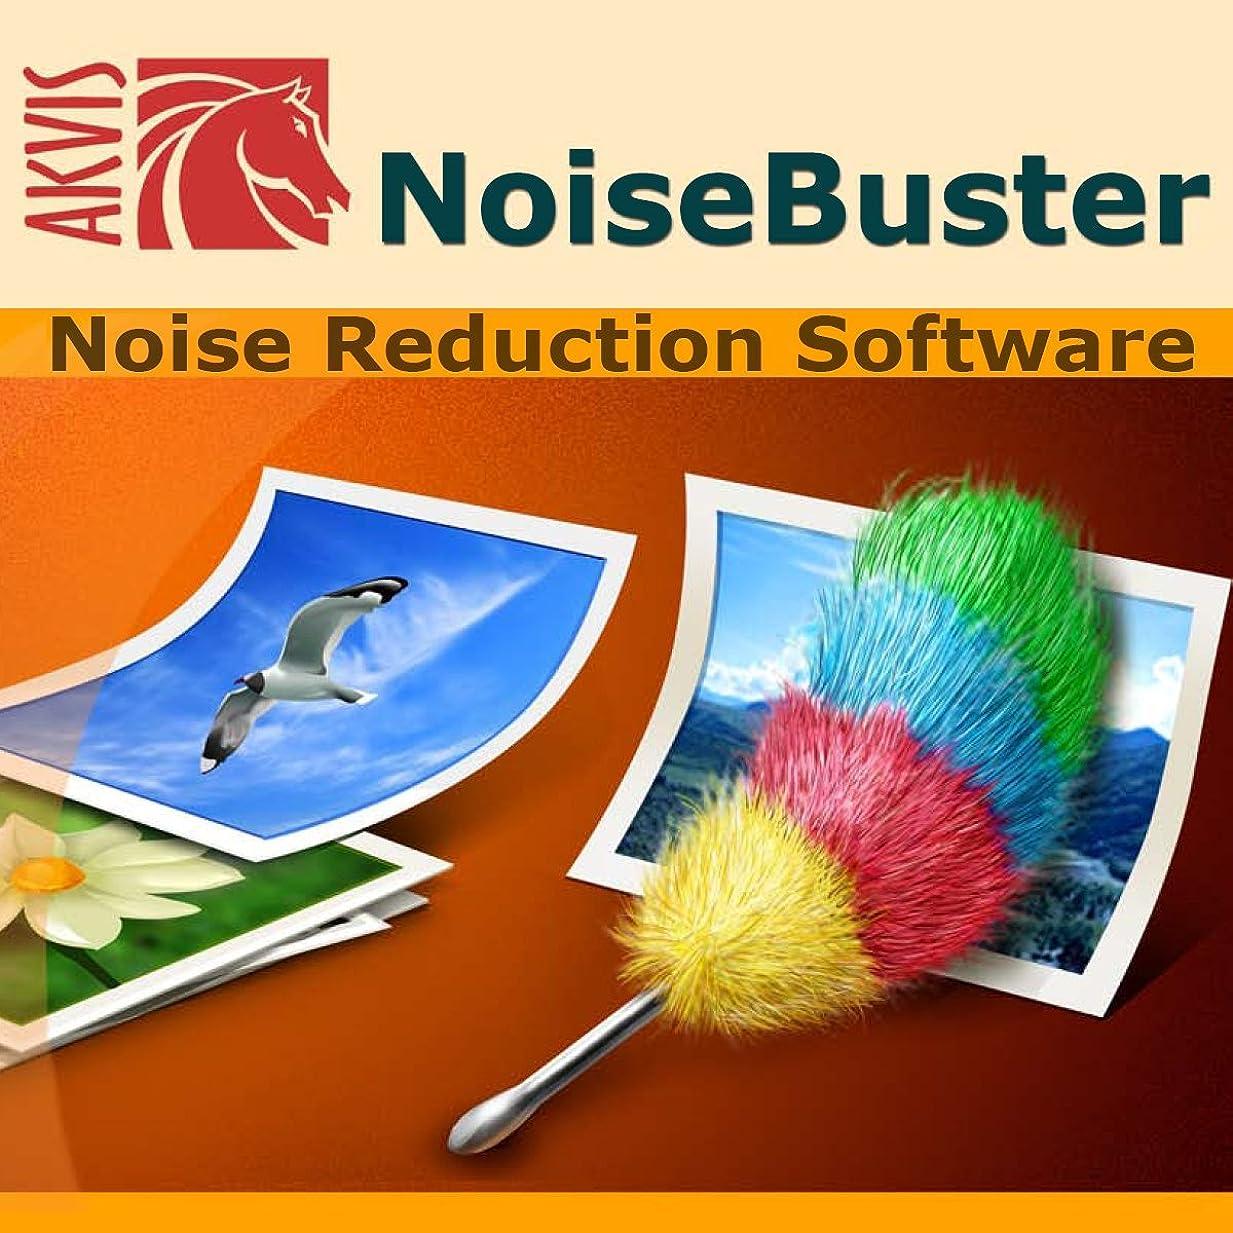 八本能方法AKVIS Noise Buster for Mac プラグイン版 [ダウンロード]